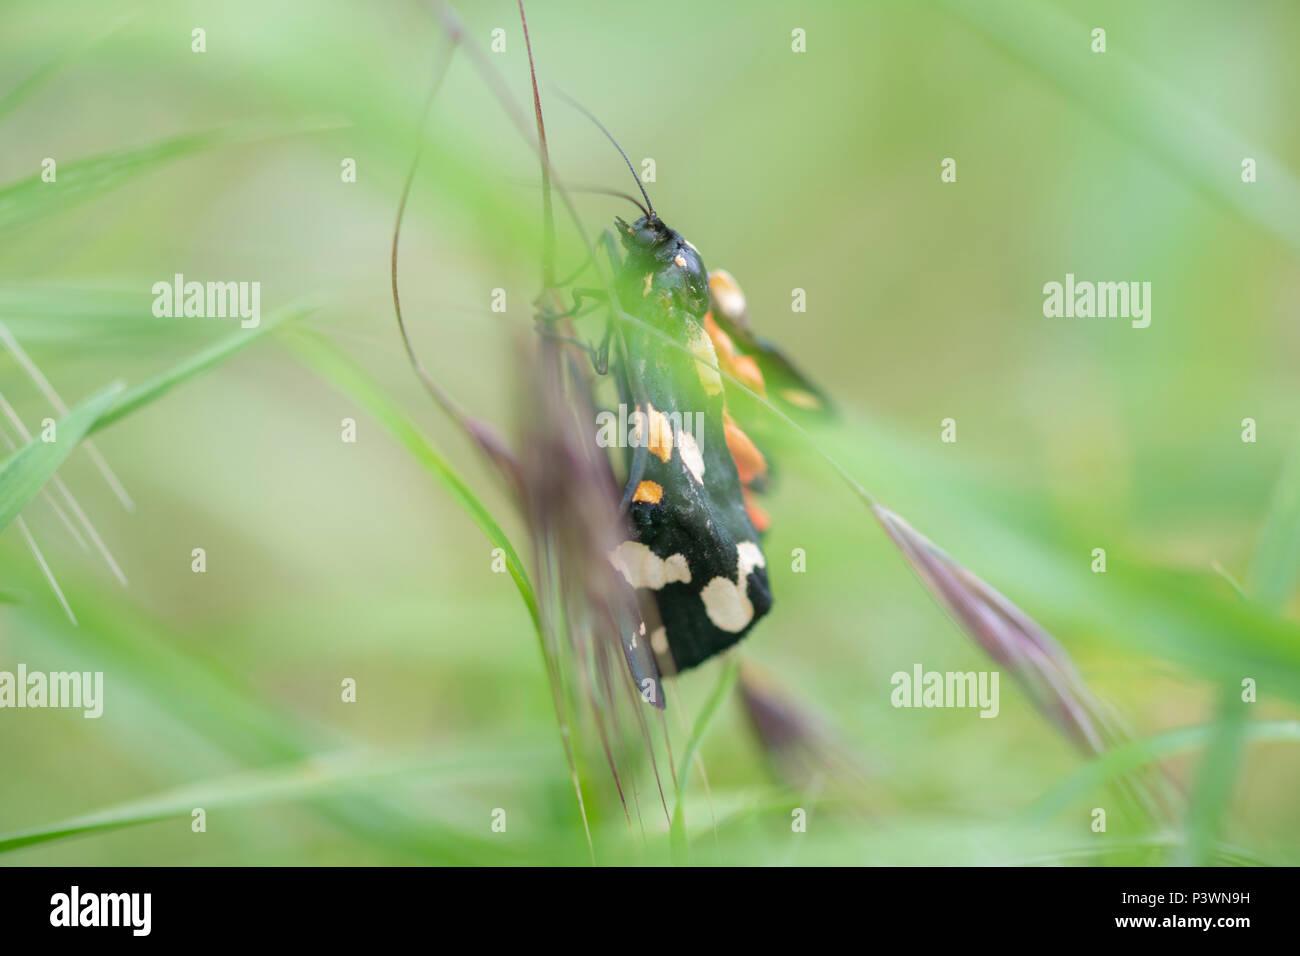 Eine schöne scarlet Tiger Moth in einem Makro Soft Focus Bild Stockbild